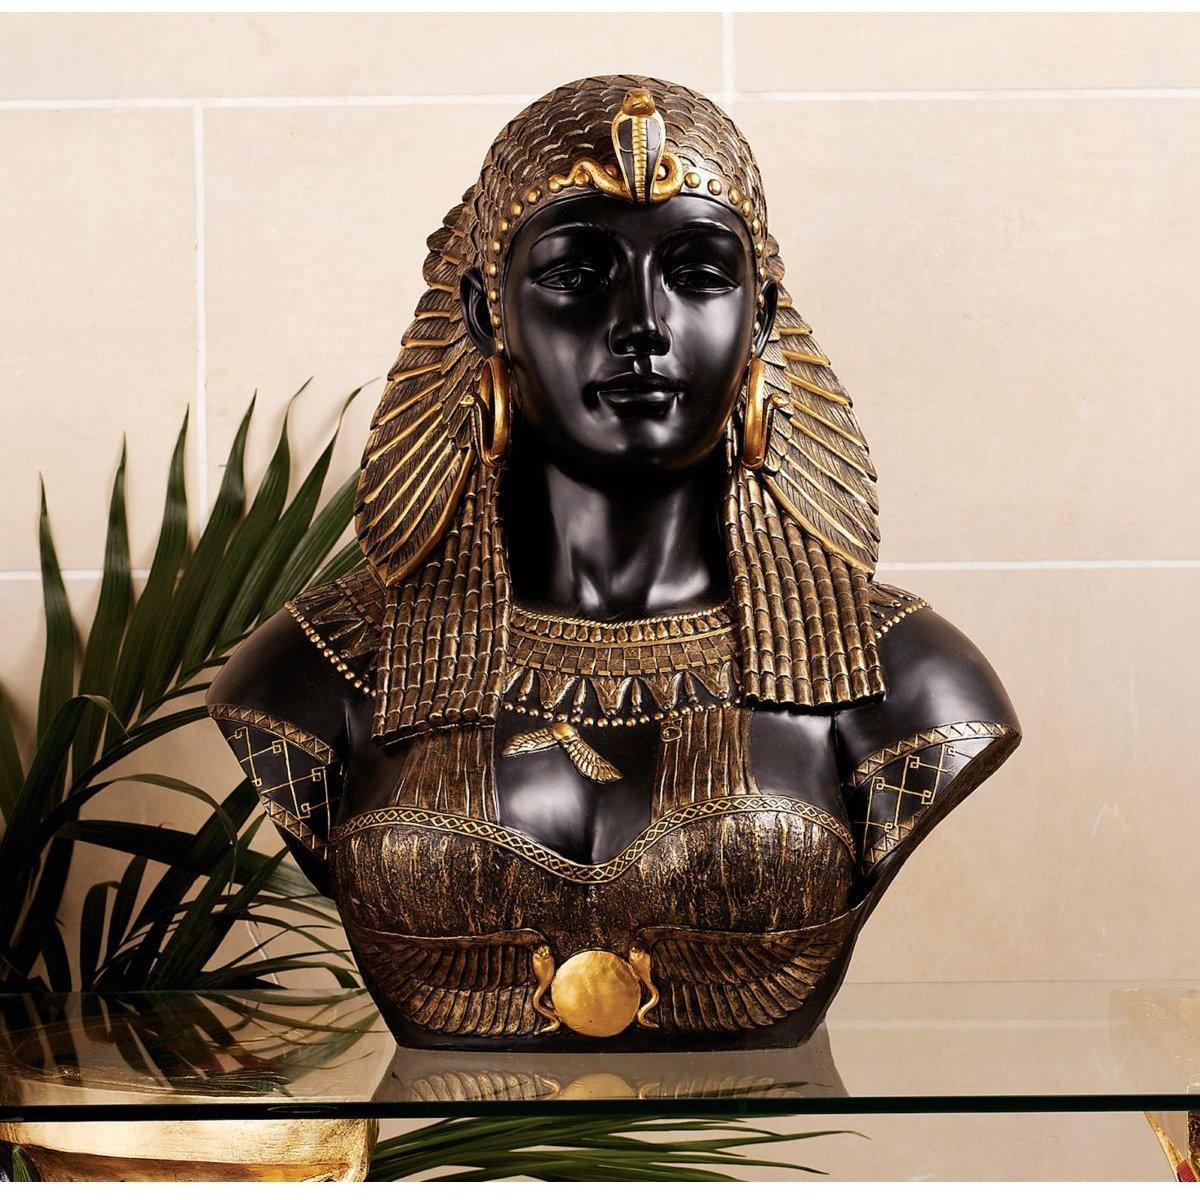 古代エジプト クレオパトラ女王 胸像 新古典派 インテリア彫刻 置物オブジェ 彫像/Queen Cleopatra Neoclassical Sculptural Bust(輸入品